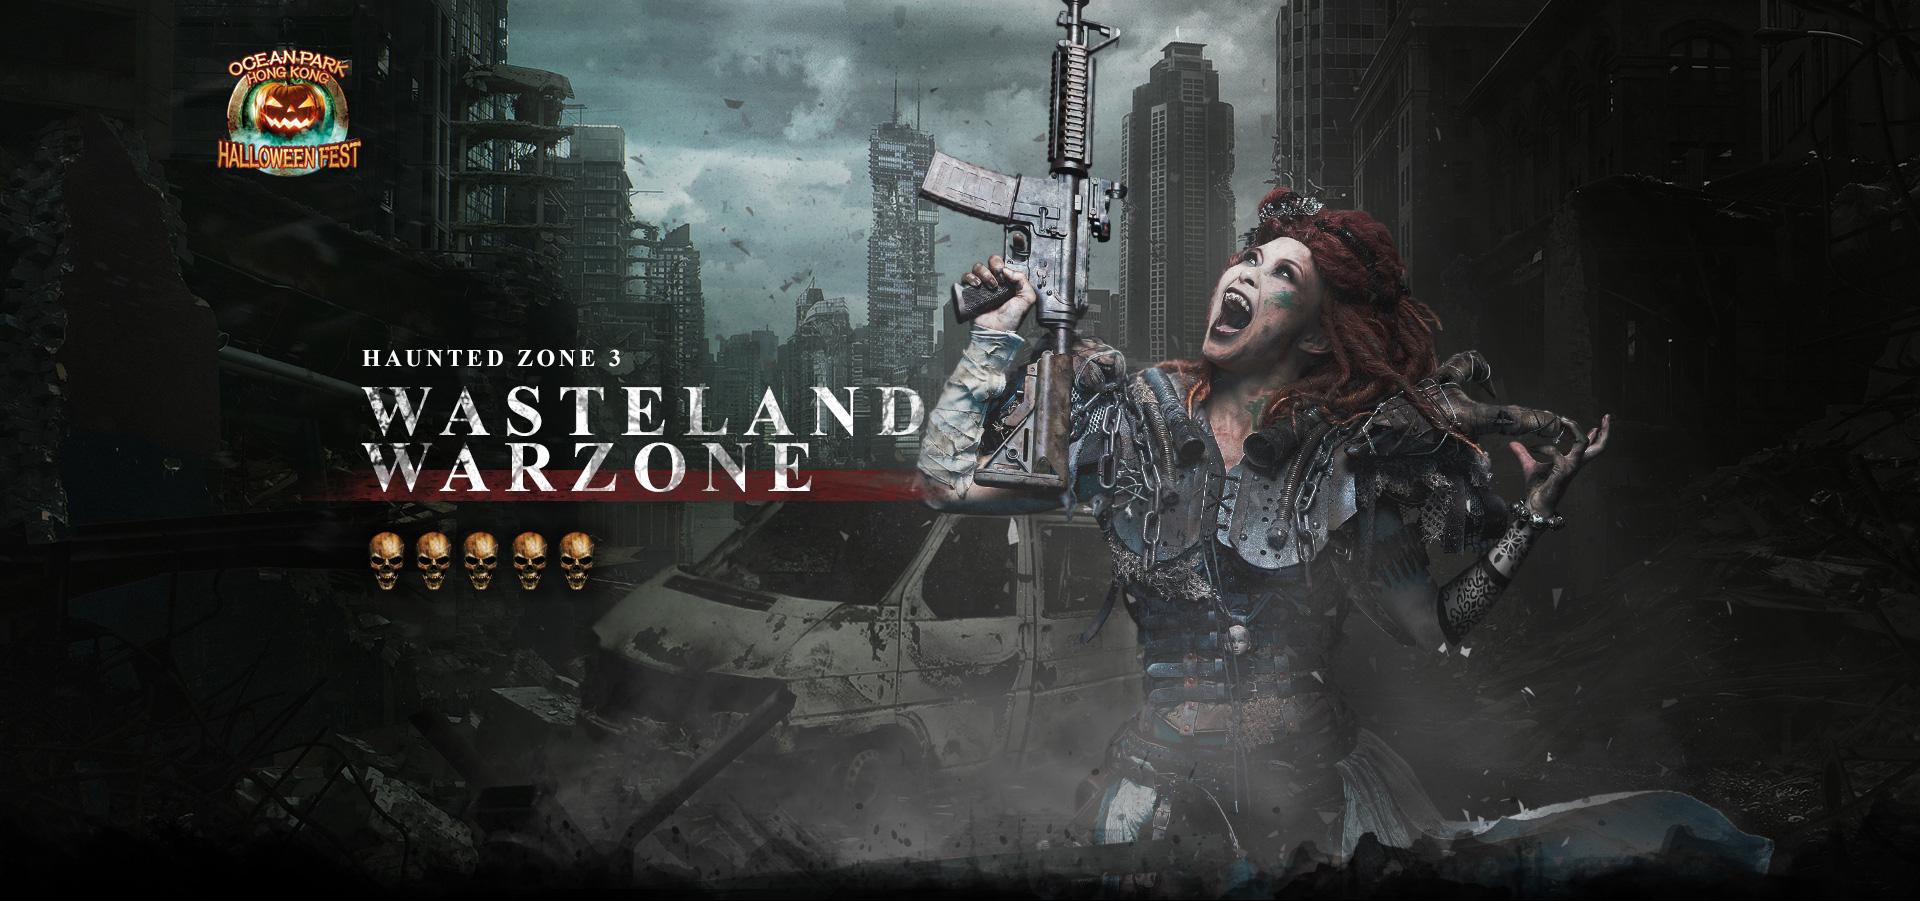 Wasteland Warzone